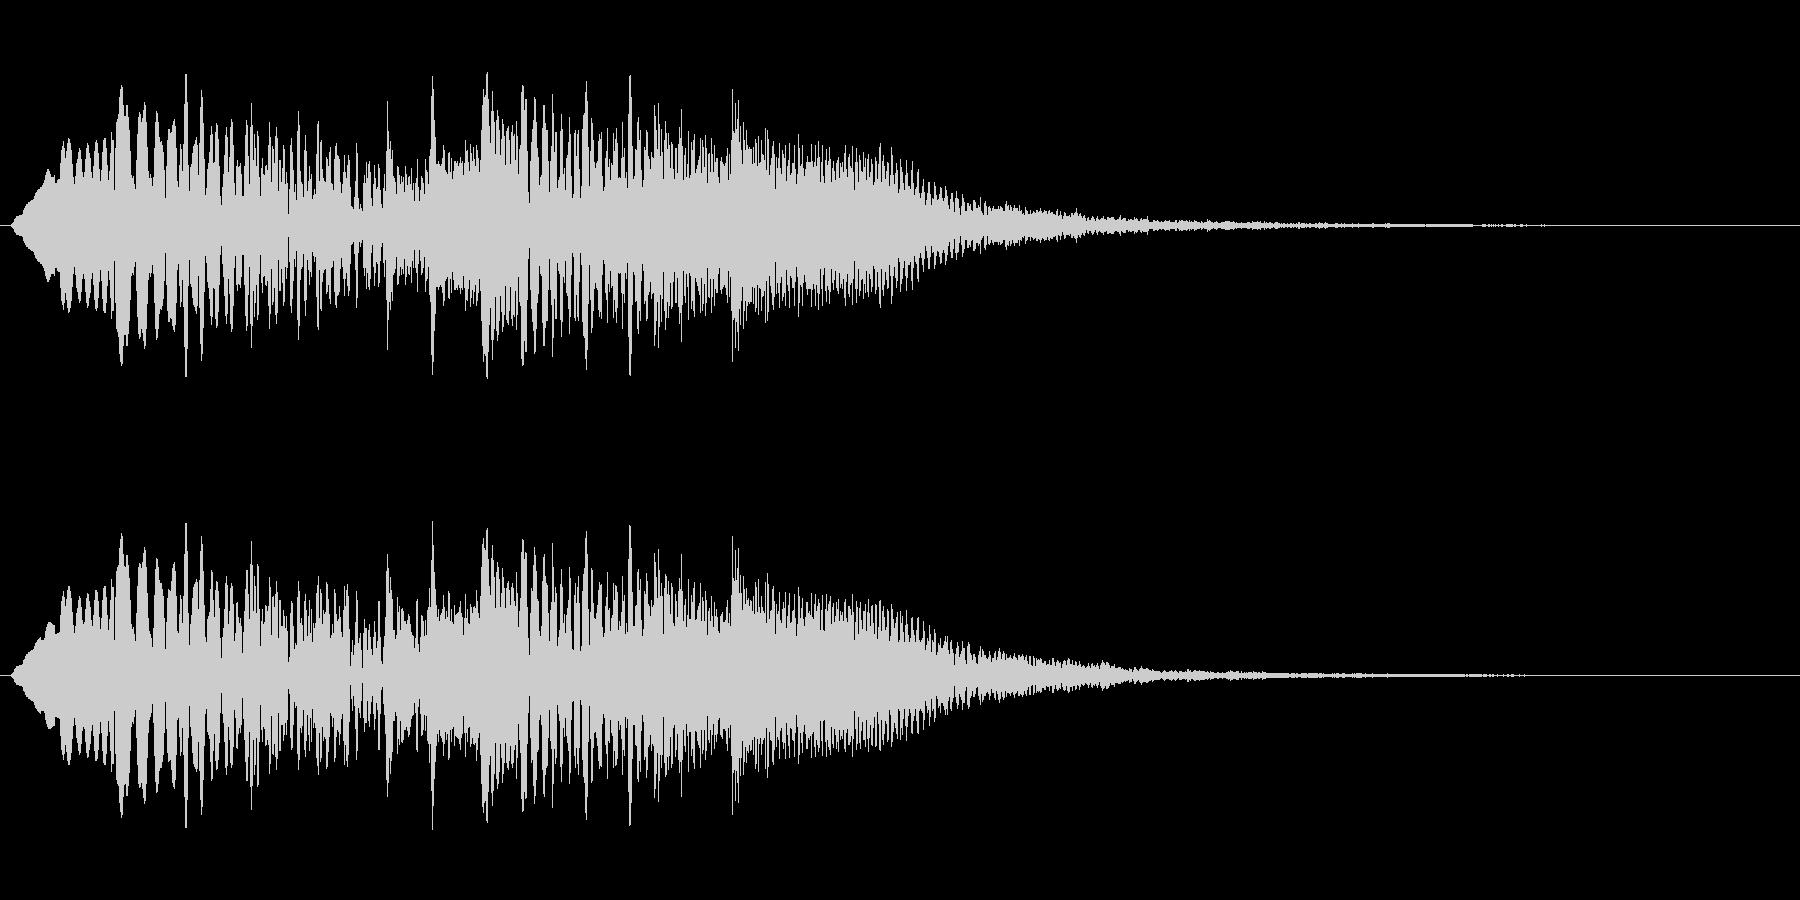 チャラララ(透明感のある場面転換音)の未再生の波形